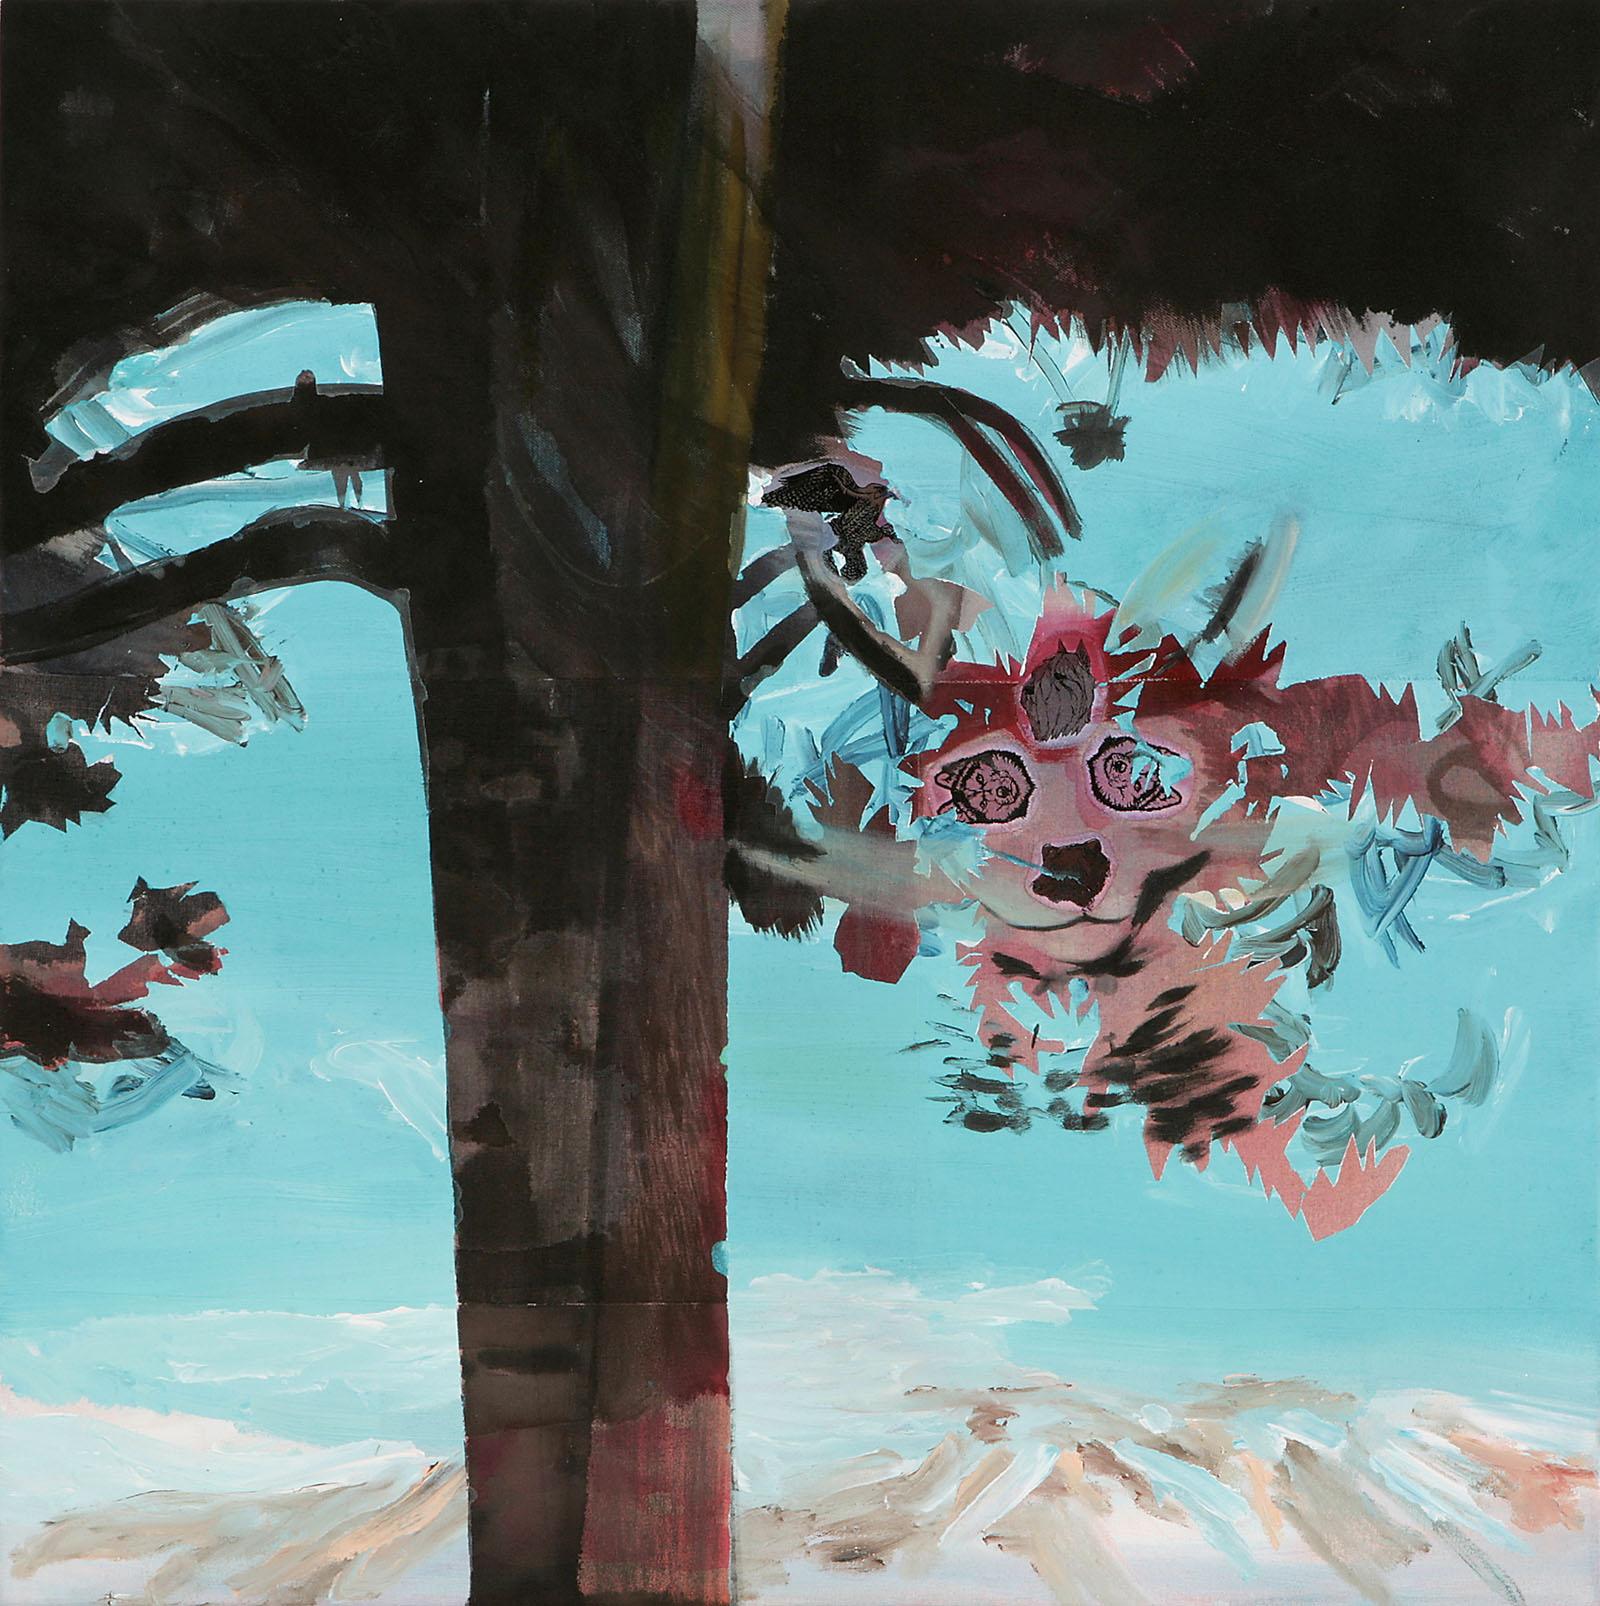 """o.T. aus """"Krähen Kommen"""", 2008, 90 x 90 cm, Mischtechnik & Applikationen auf Leinwand"""